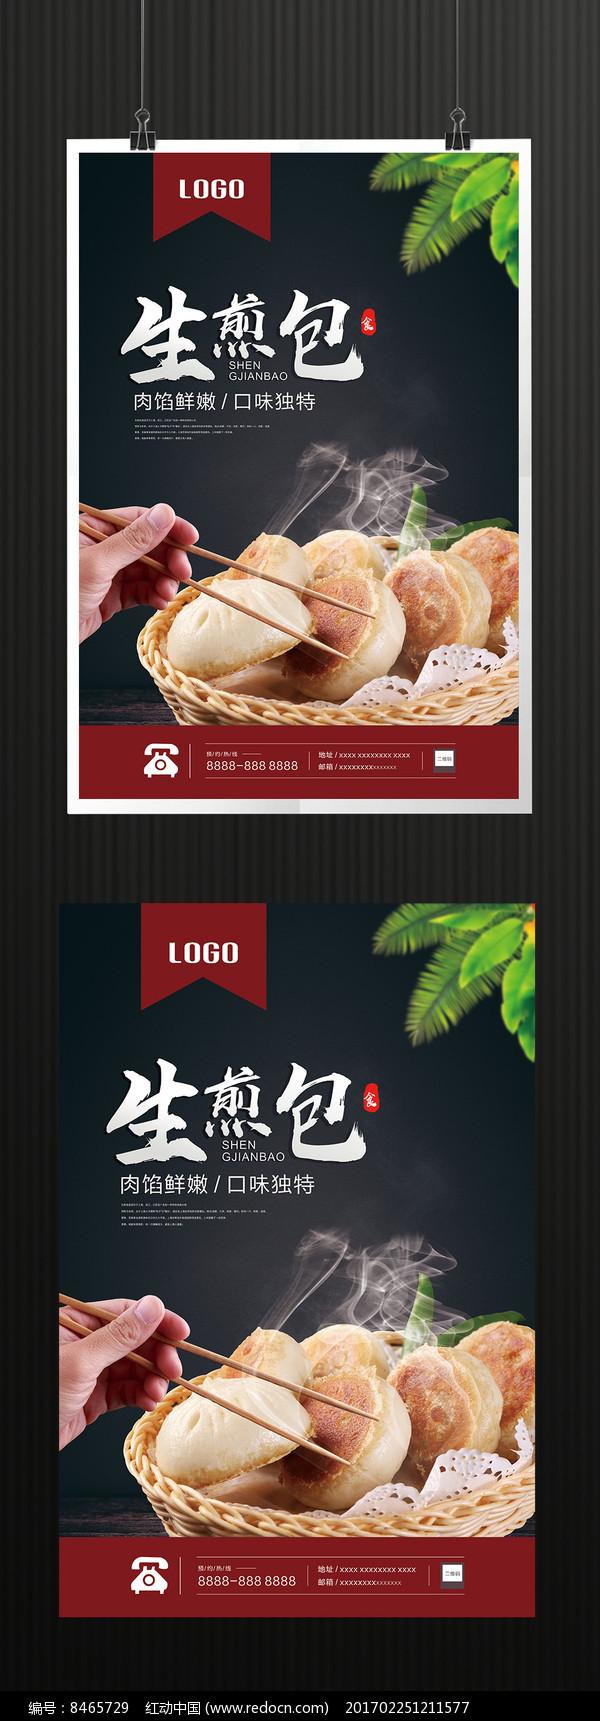 生煎包传统美食海报图片